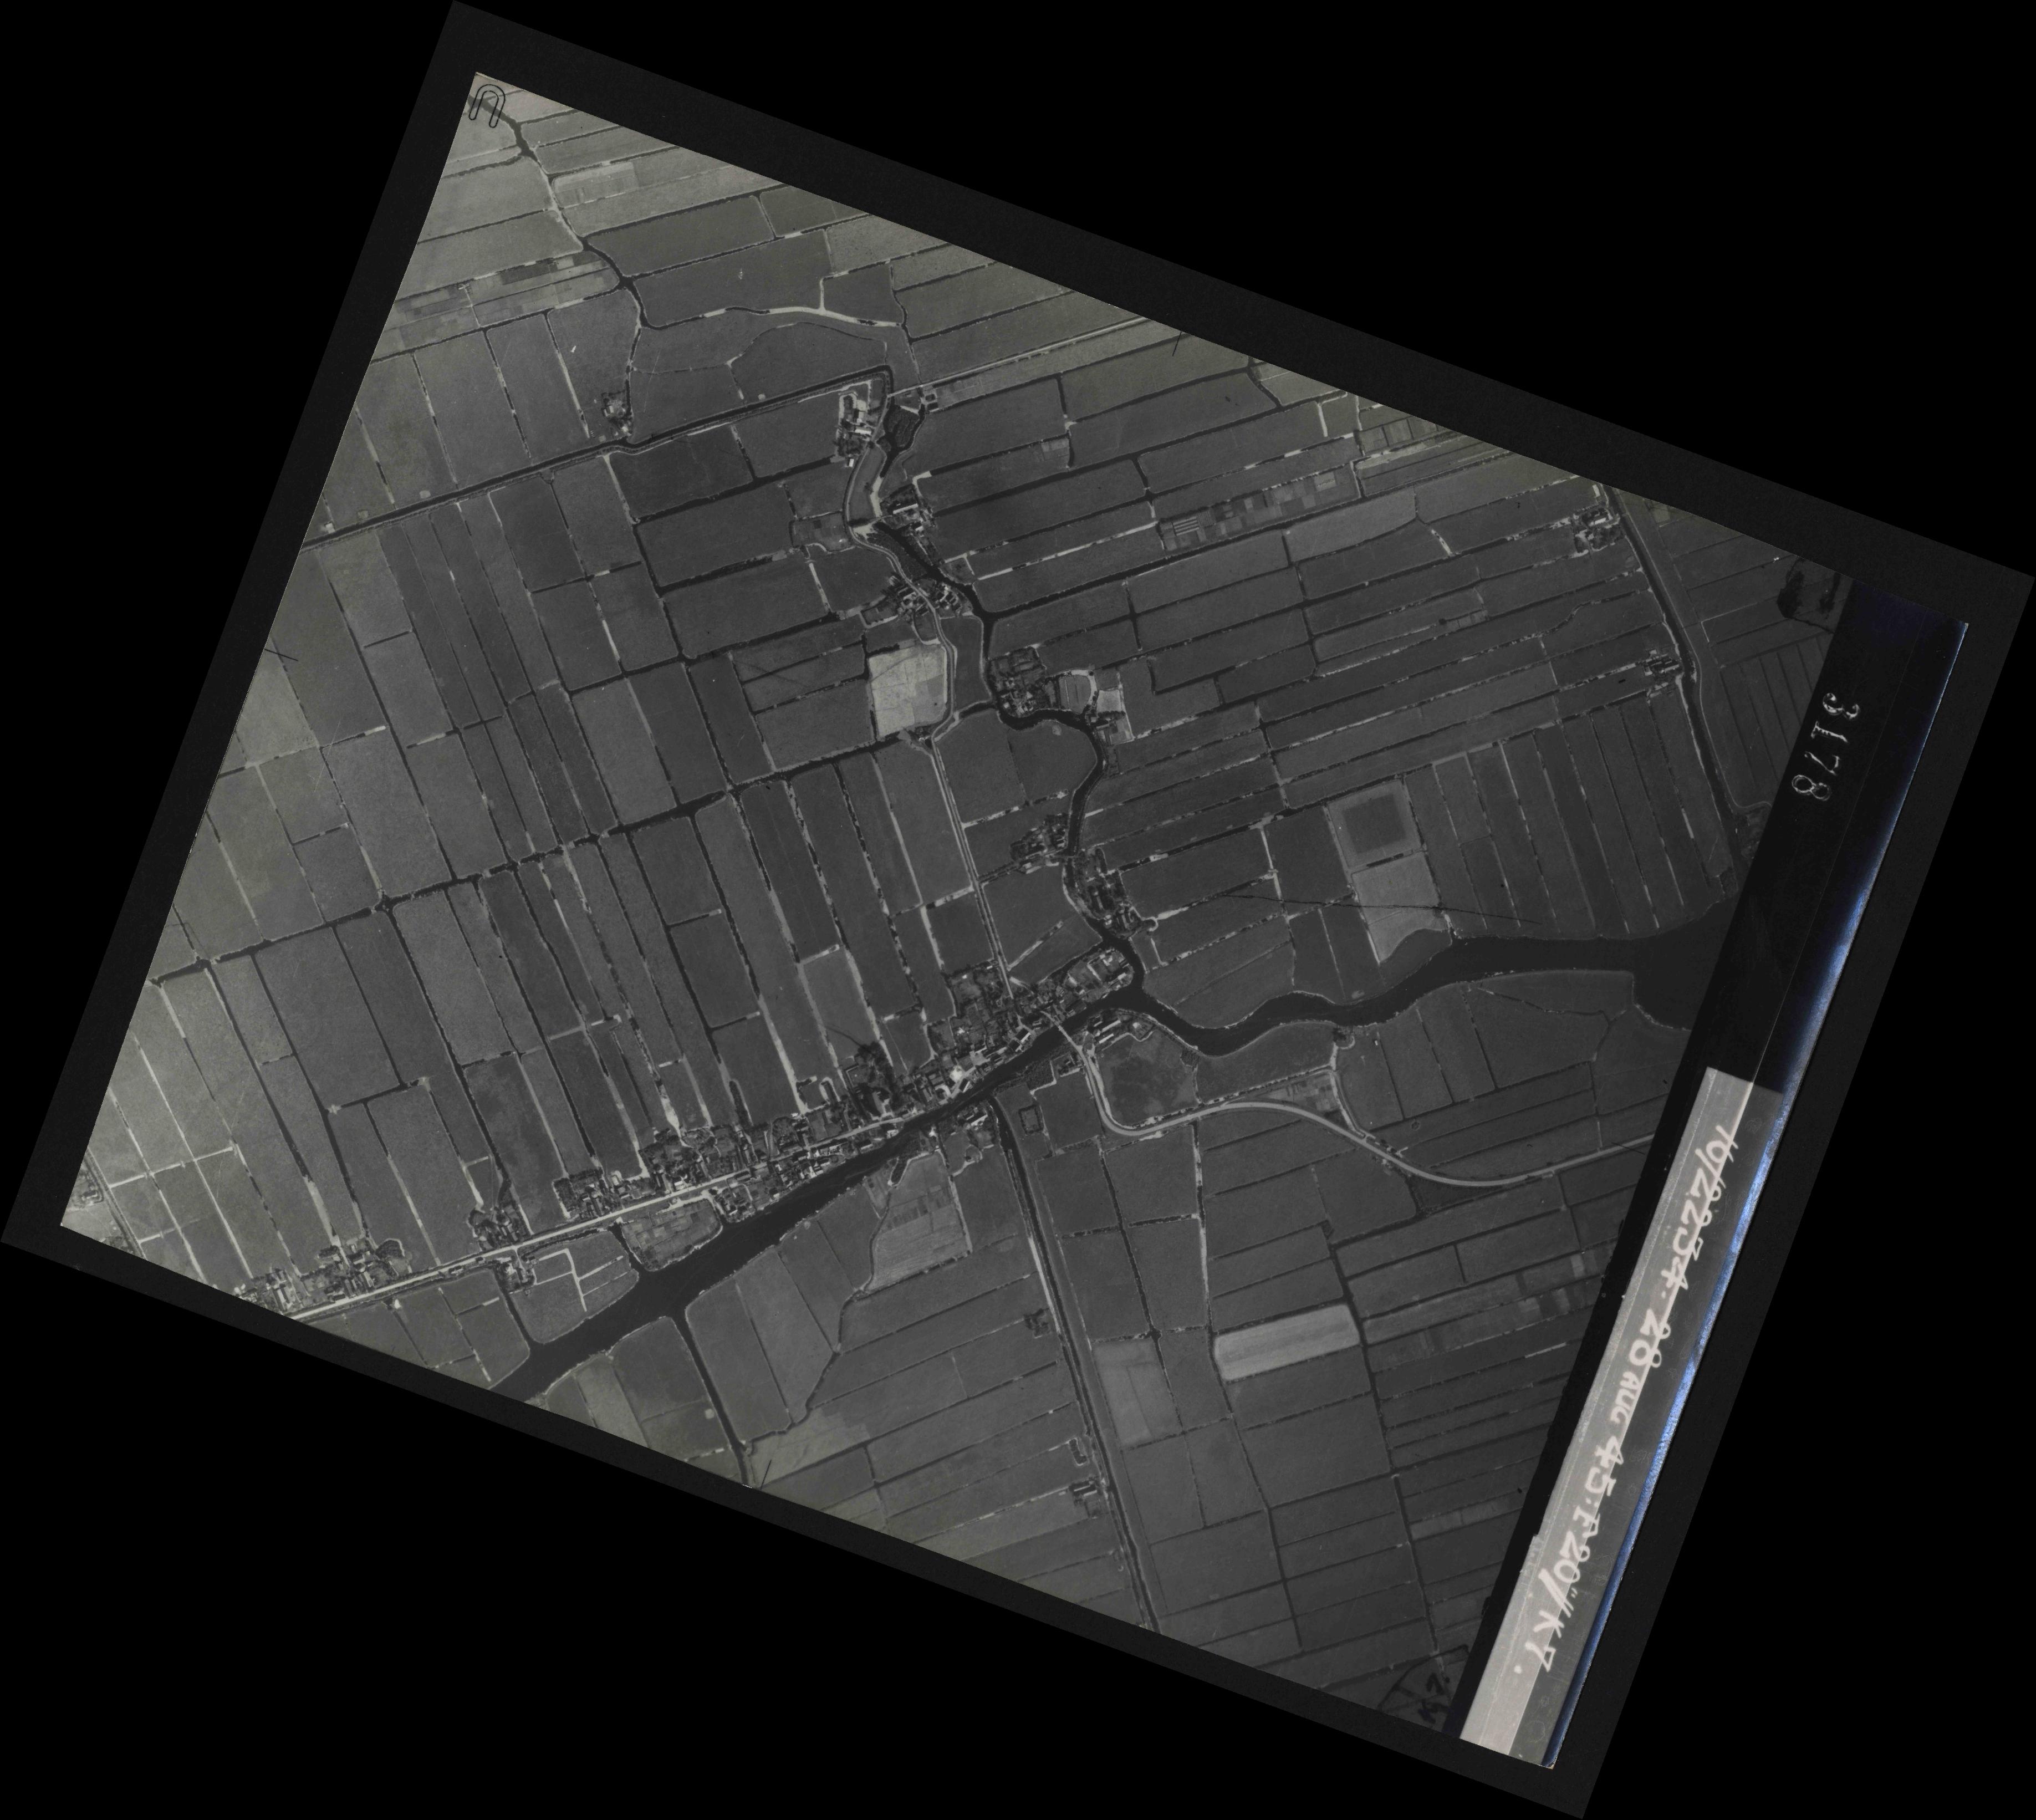 Collection RAF aerial photos 1940-1945 - flight 031, run 02, photo 3178